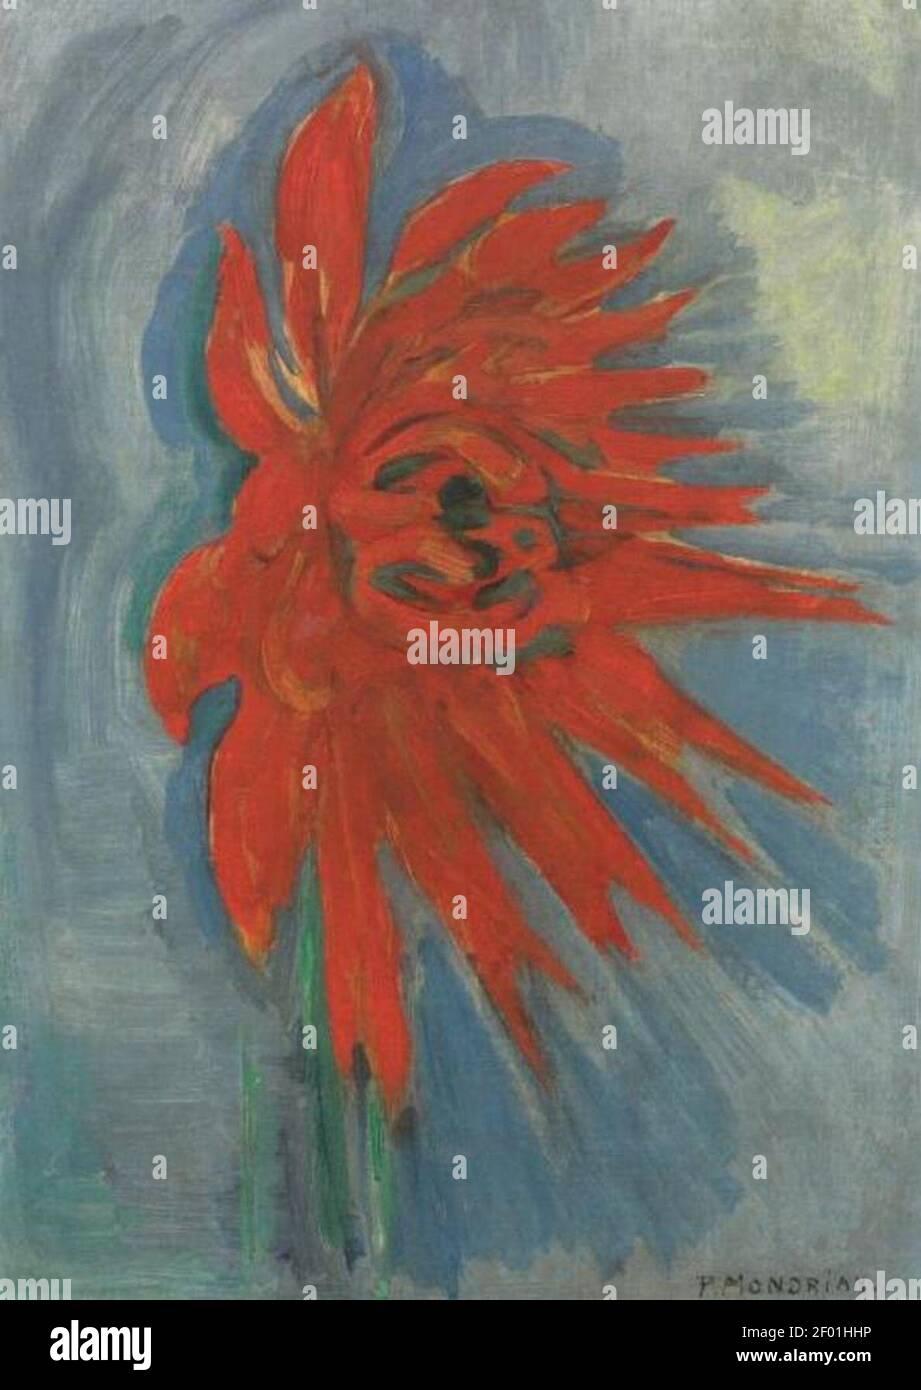 Piet Mondriaan - Red chryanthemum on blue background - Stock Photo